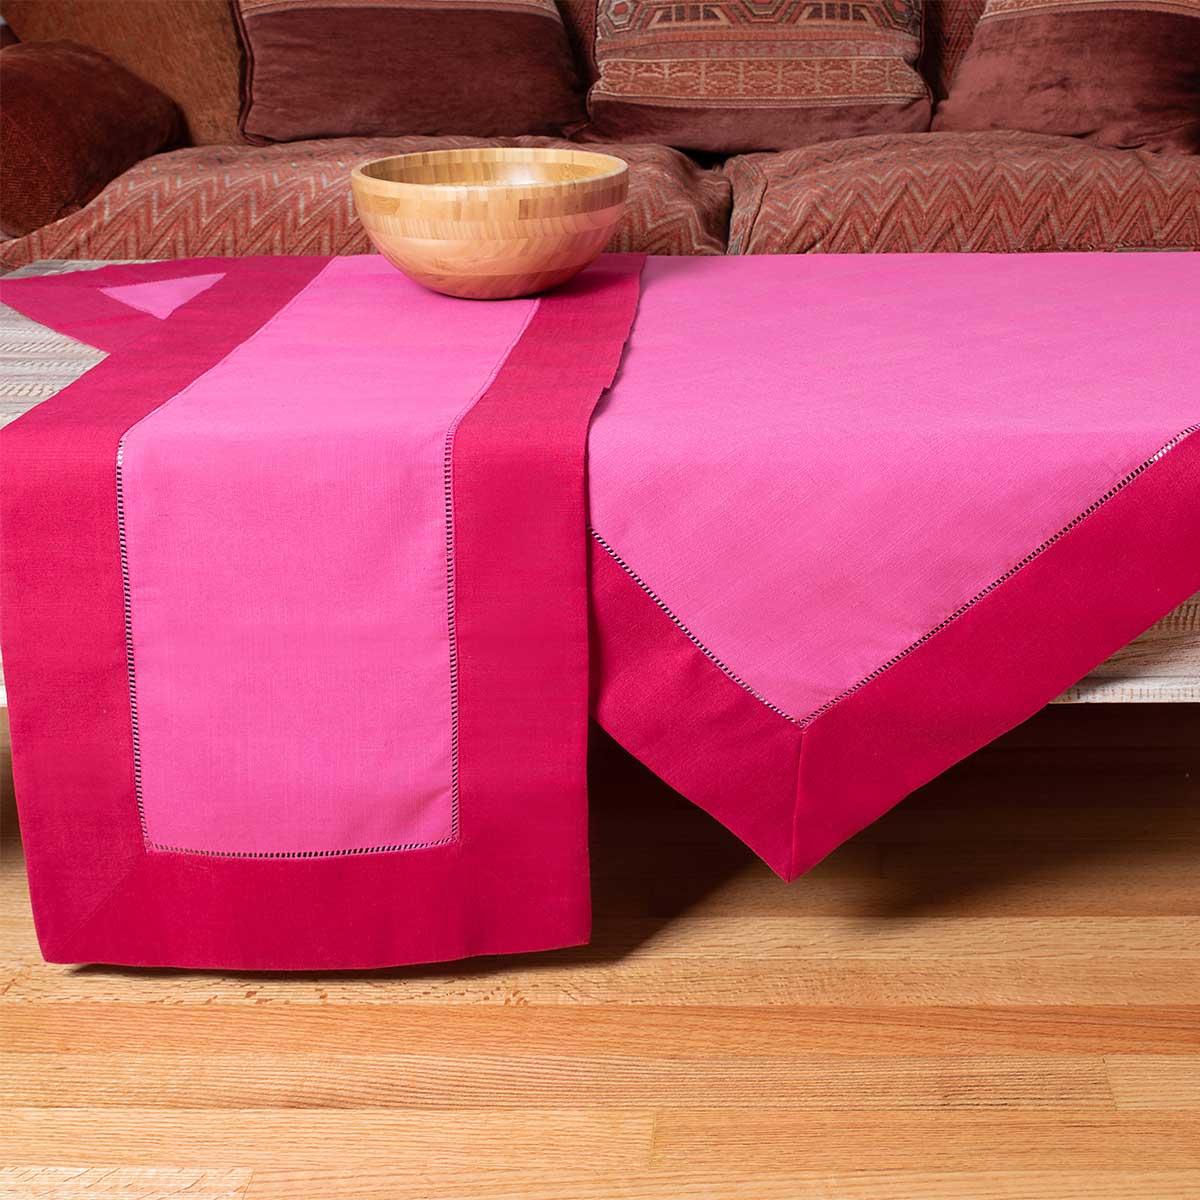 Τραπεζομάντηλο (180×180) Silk Fashion BG17-10